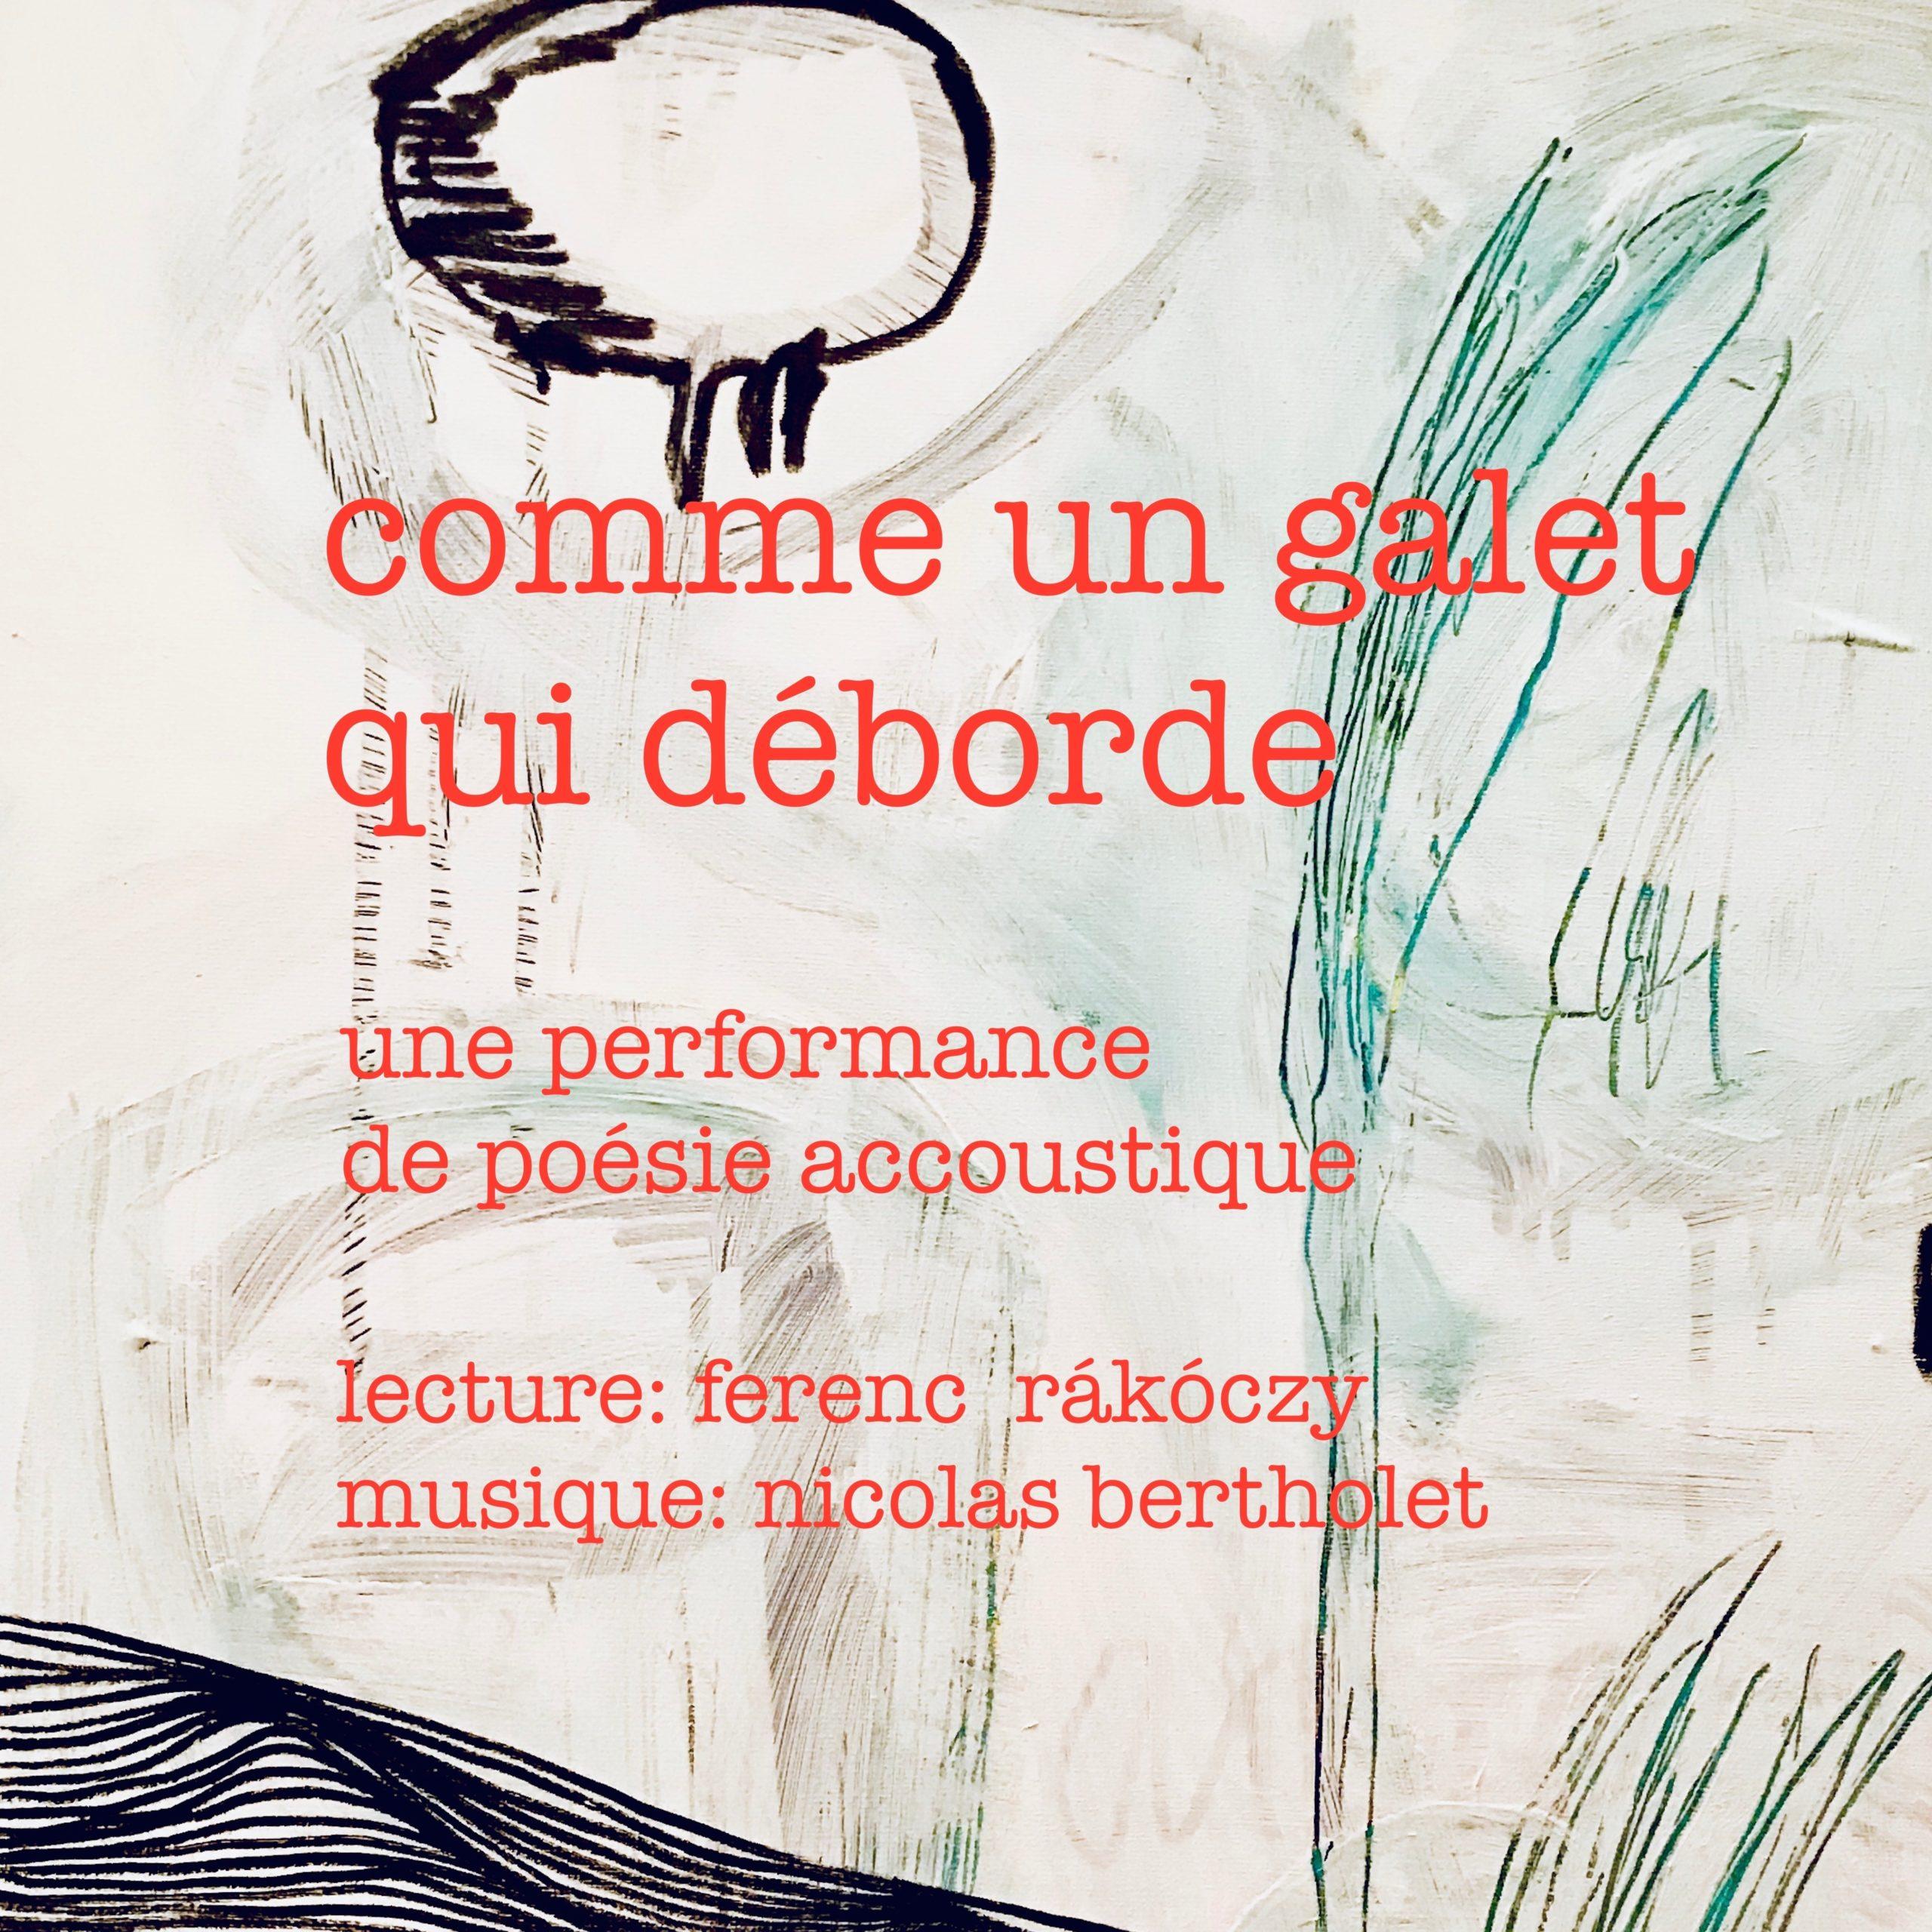 Rákóczy / Bertholey : poésie et musique «Comme un galet qui déborde»